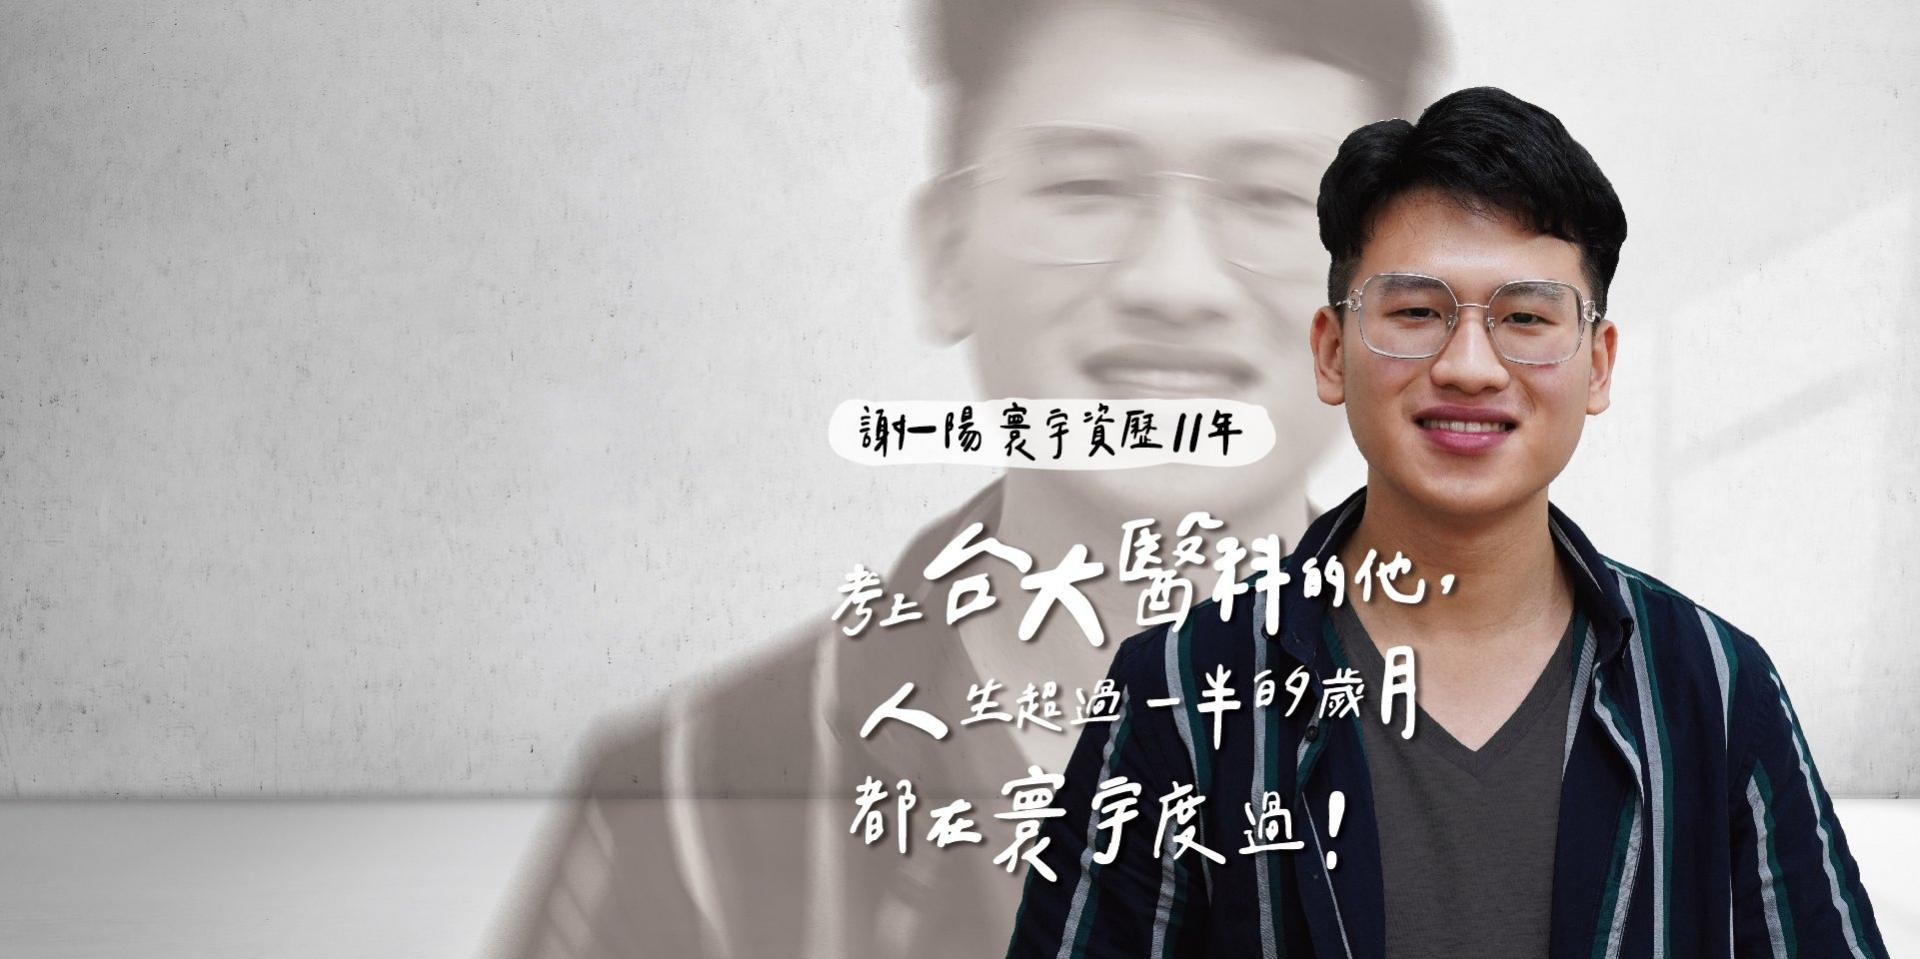 臺灣大學醫學系